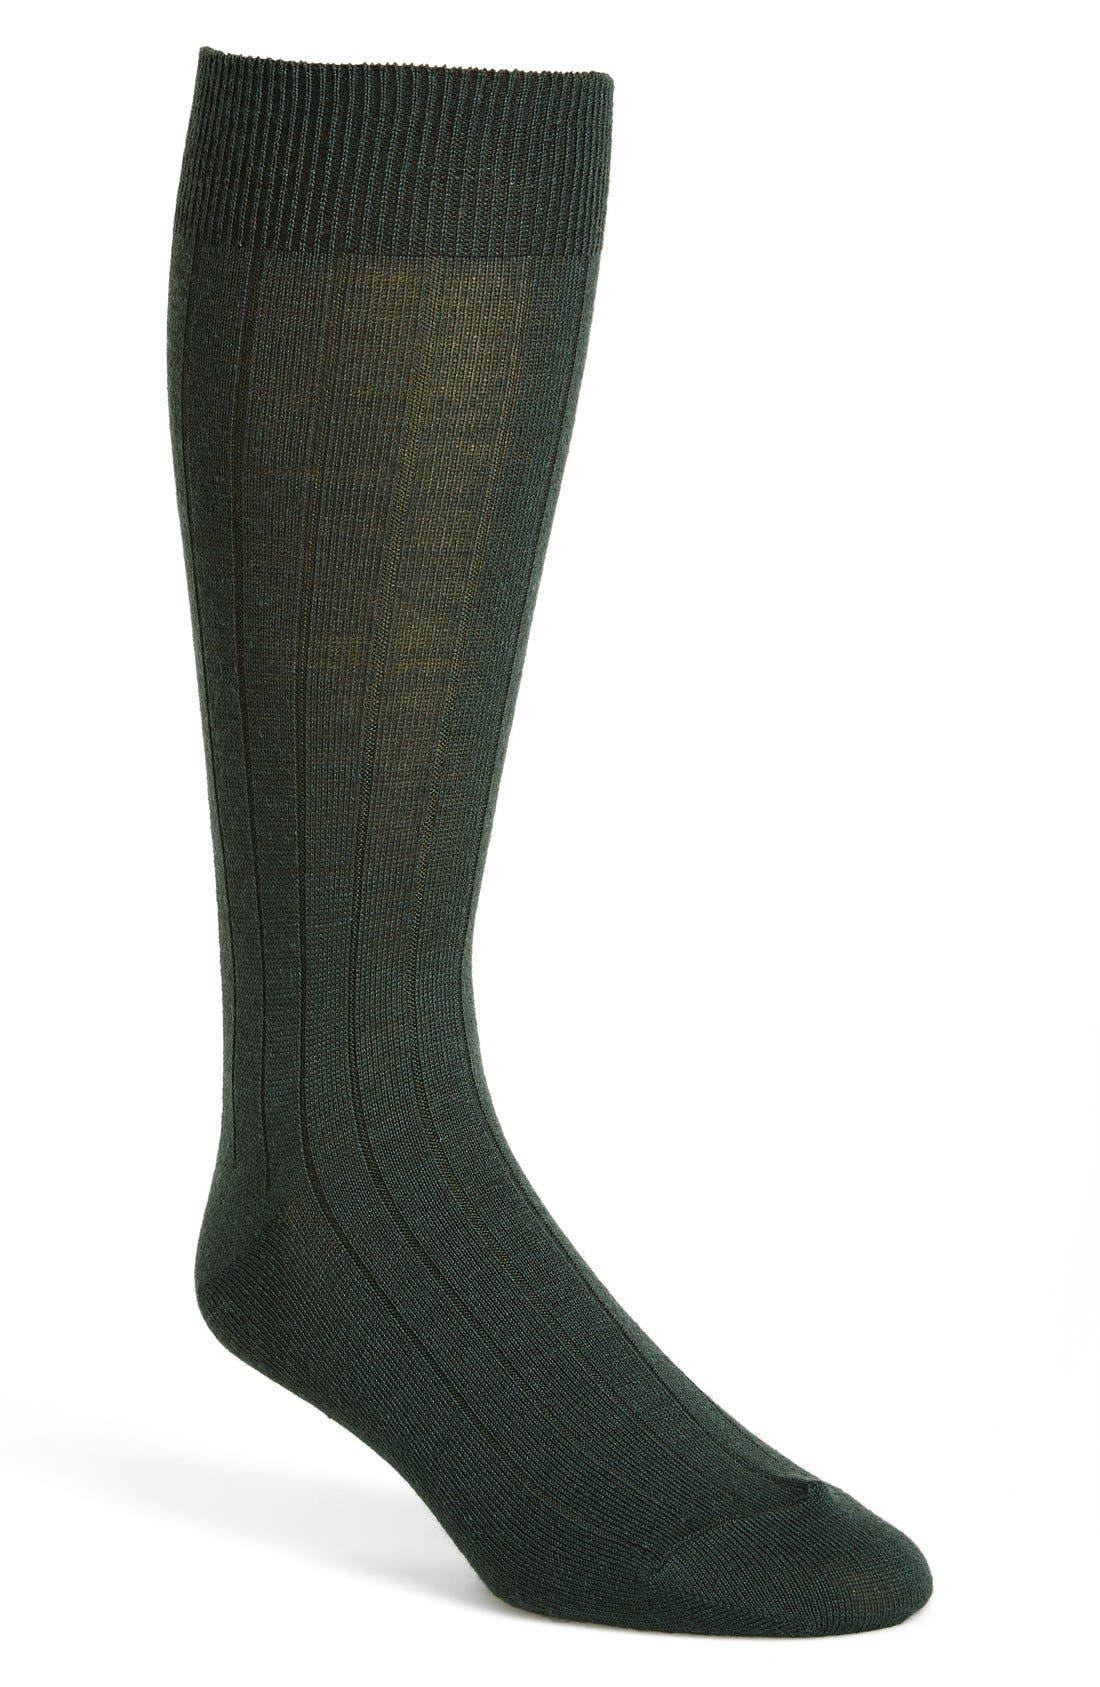 Alternate Image 1 Selected - Cole Haan Solid Wool Blend Rib Socks (Men)